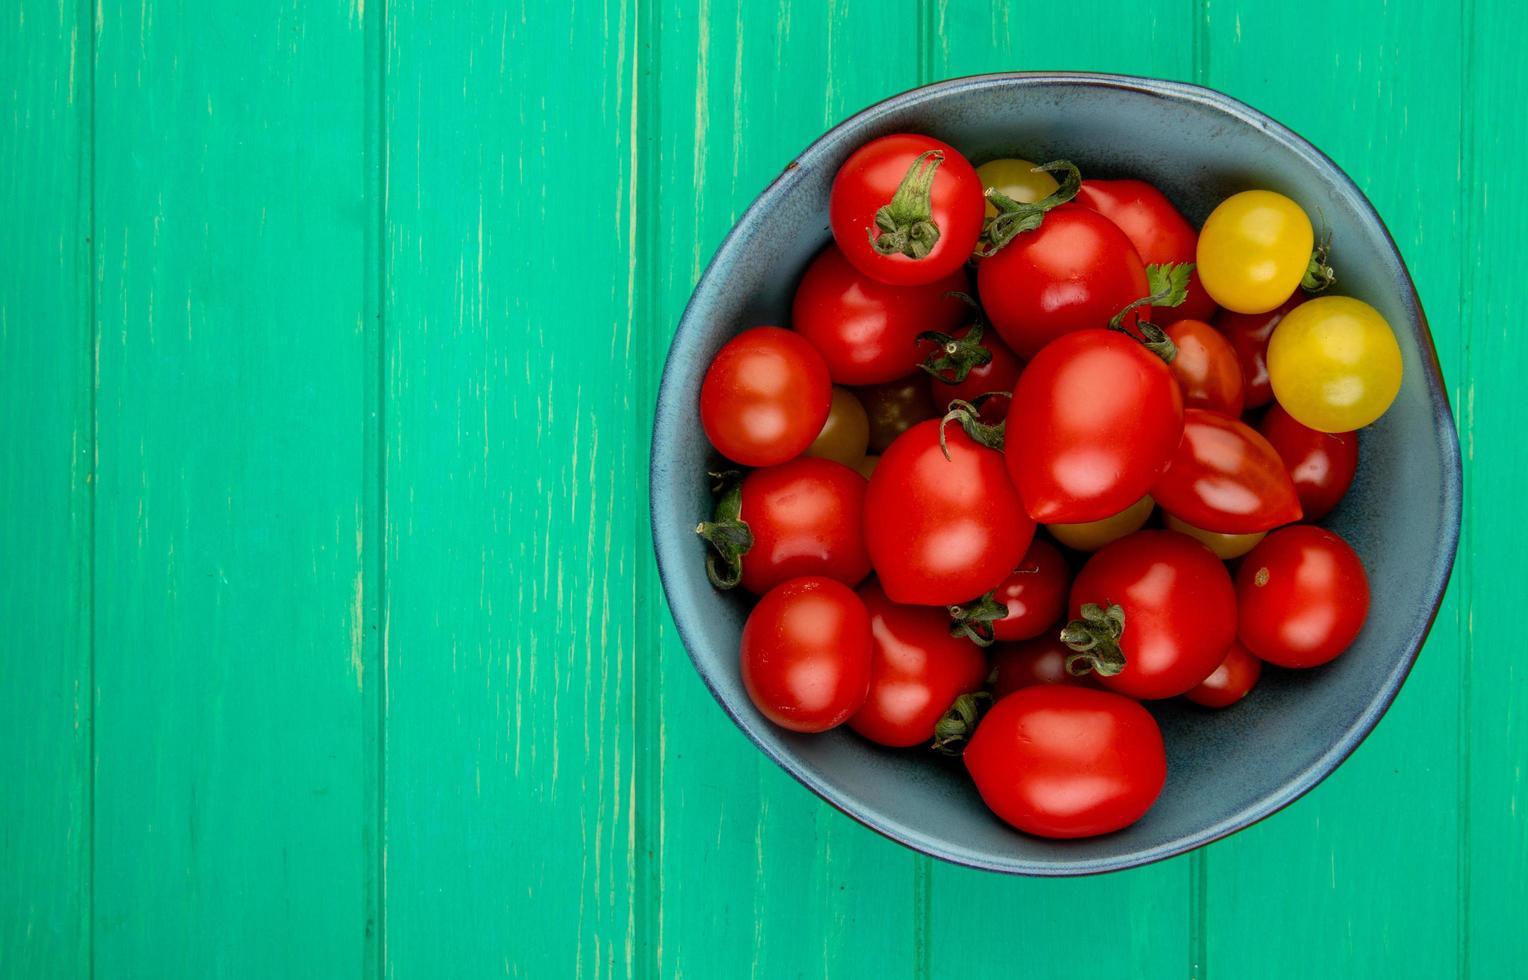 bovenaanzicht van tomaten in kom aan rechterkant en groene achtergrond met kopie ruimte foto